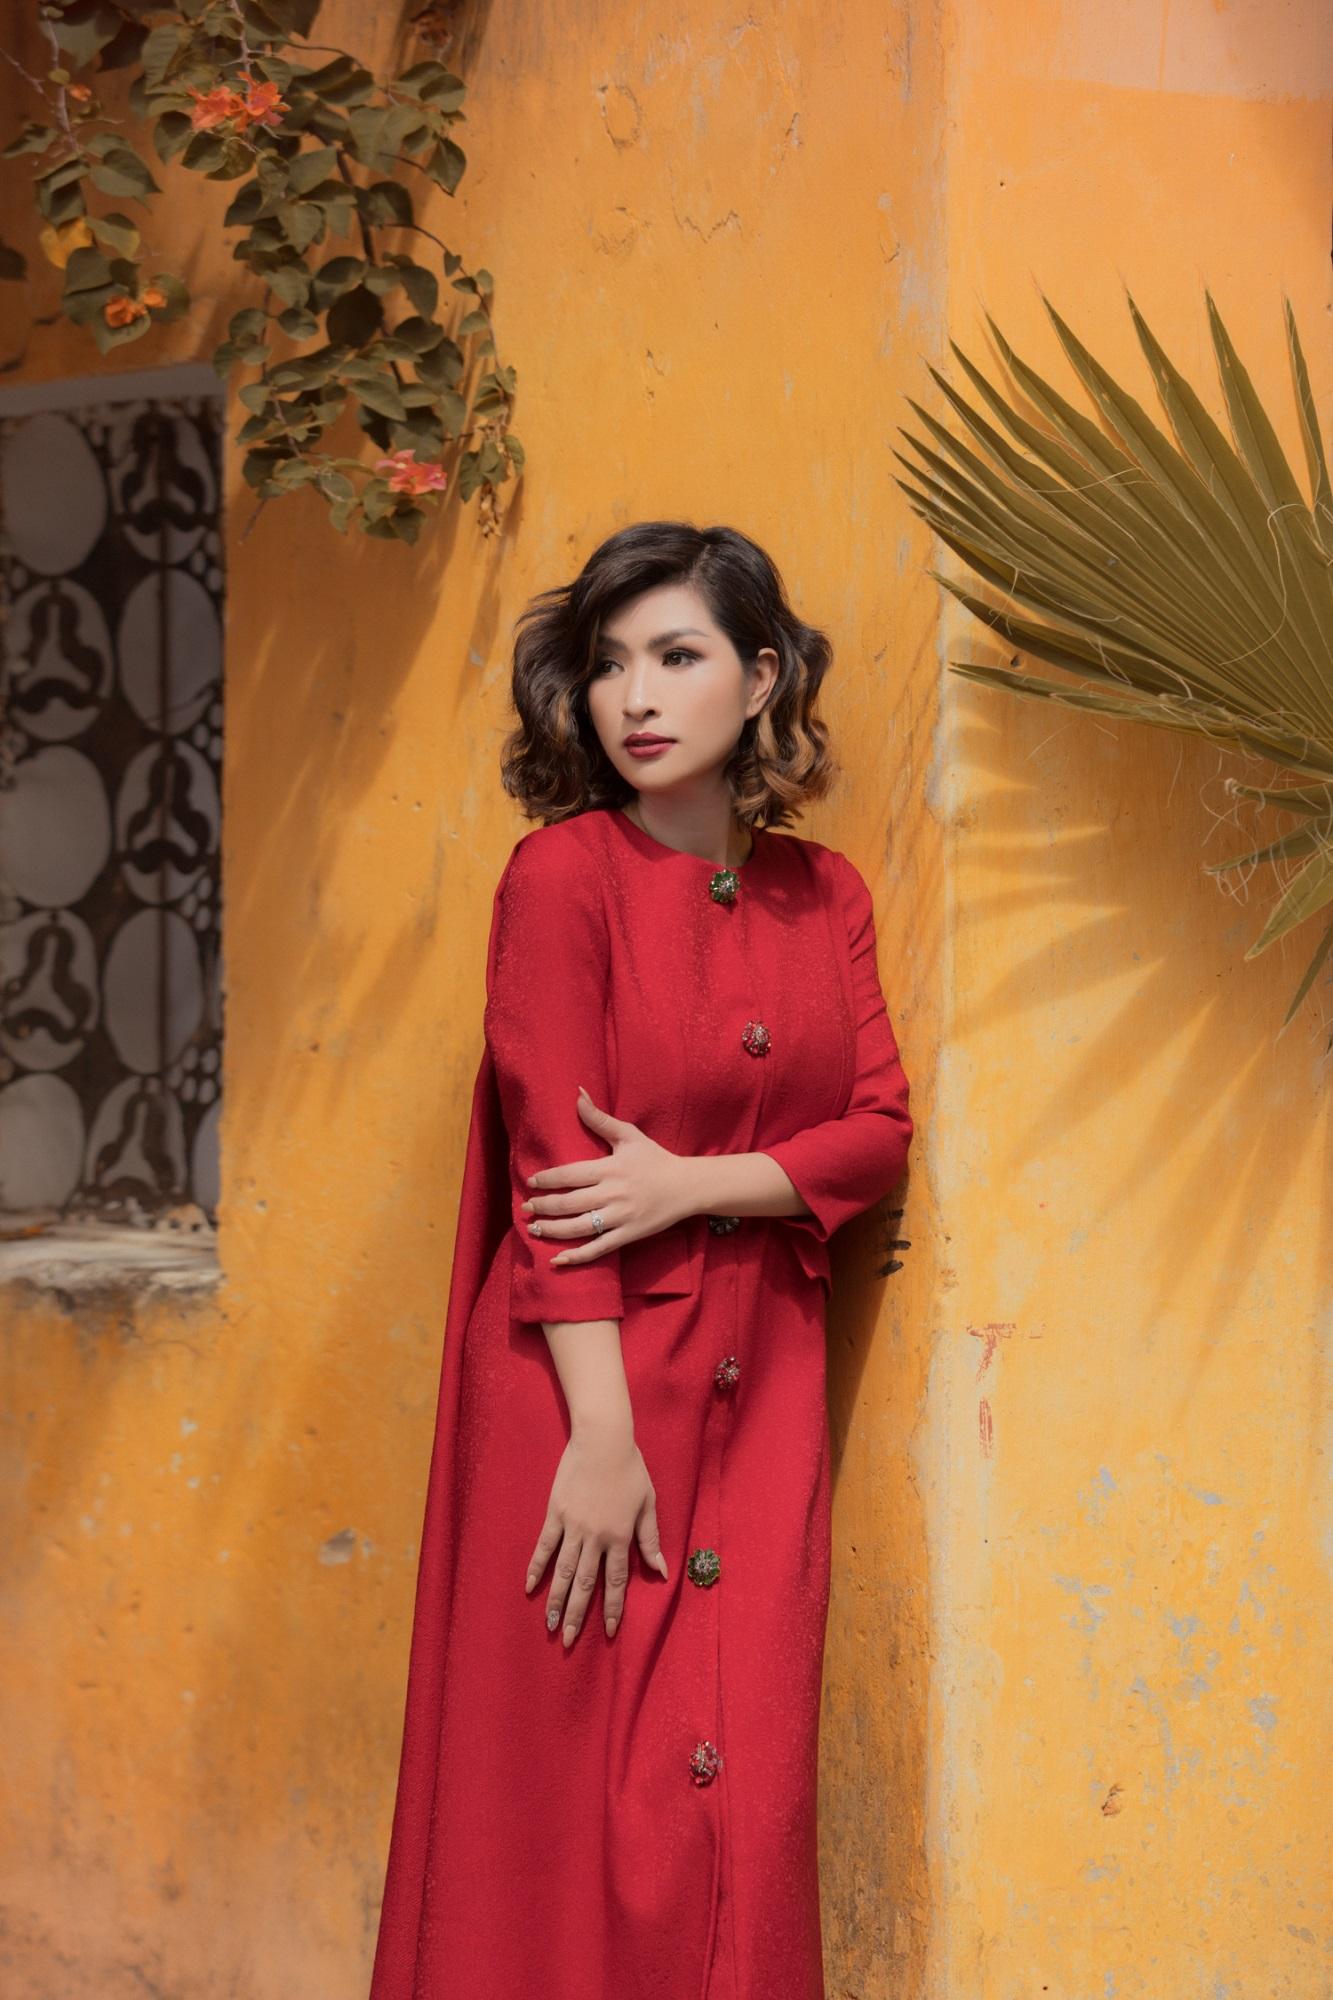 Hồng Nhung 'Sao Mai điểm hẹn': 'Tôi nuôi con không cần chồng cũ chu cấp' - Ảnh 10